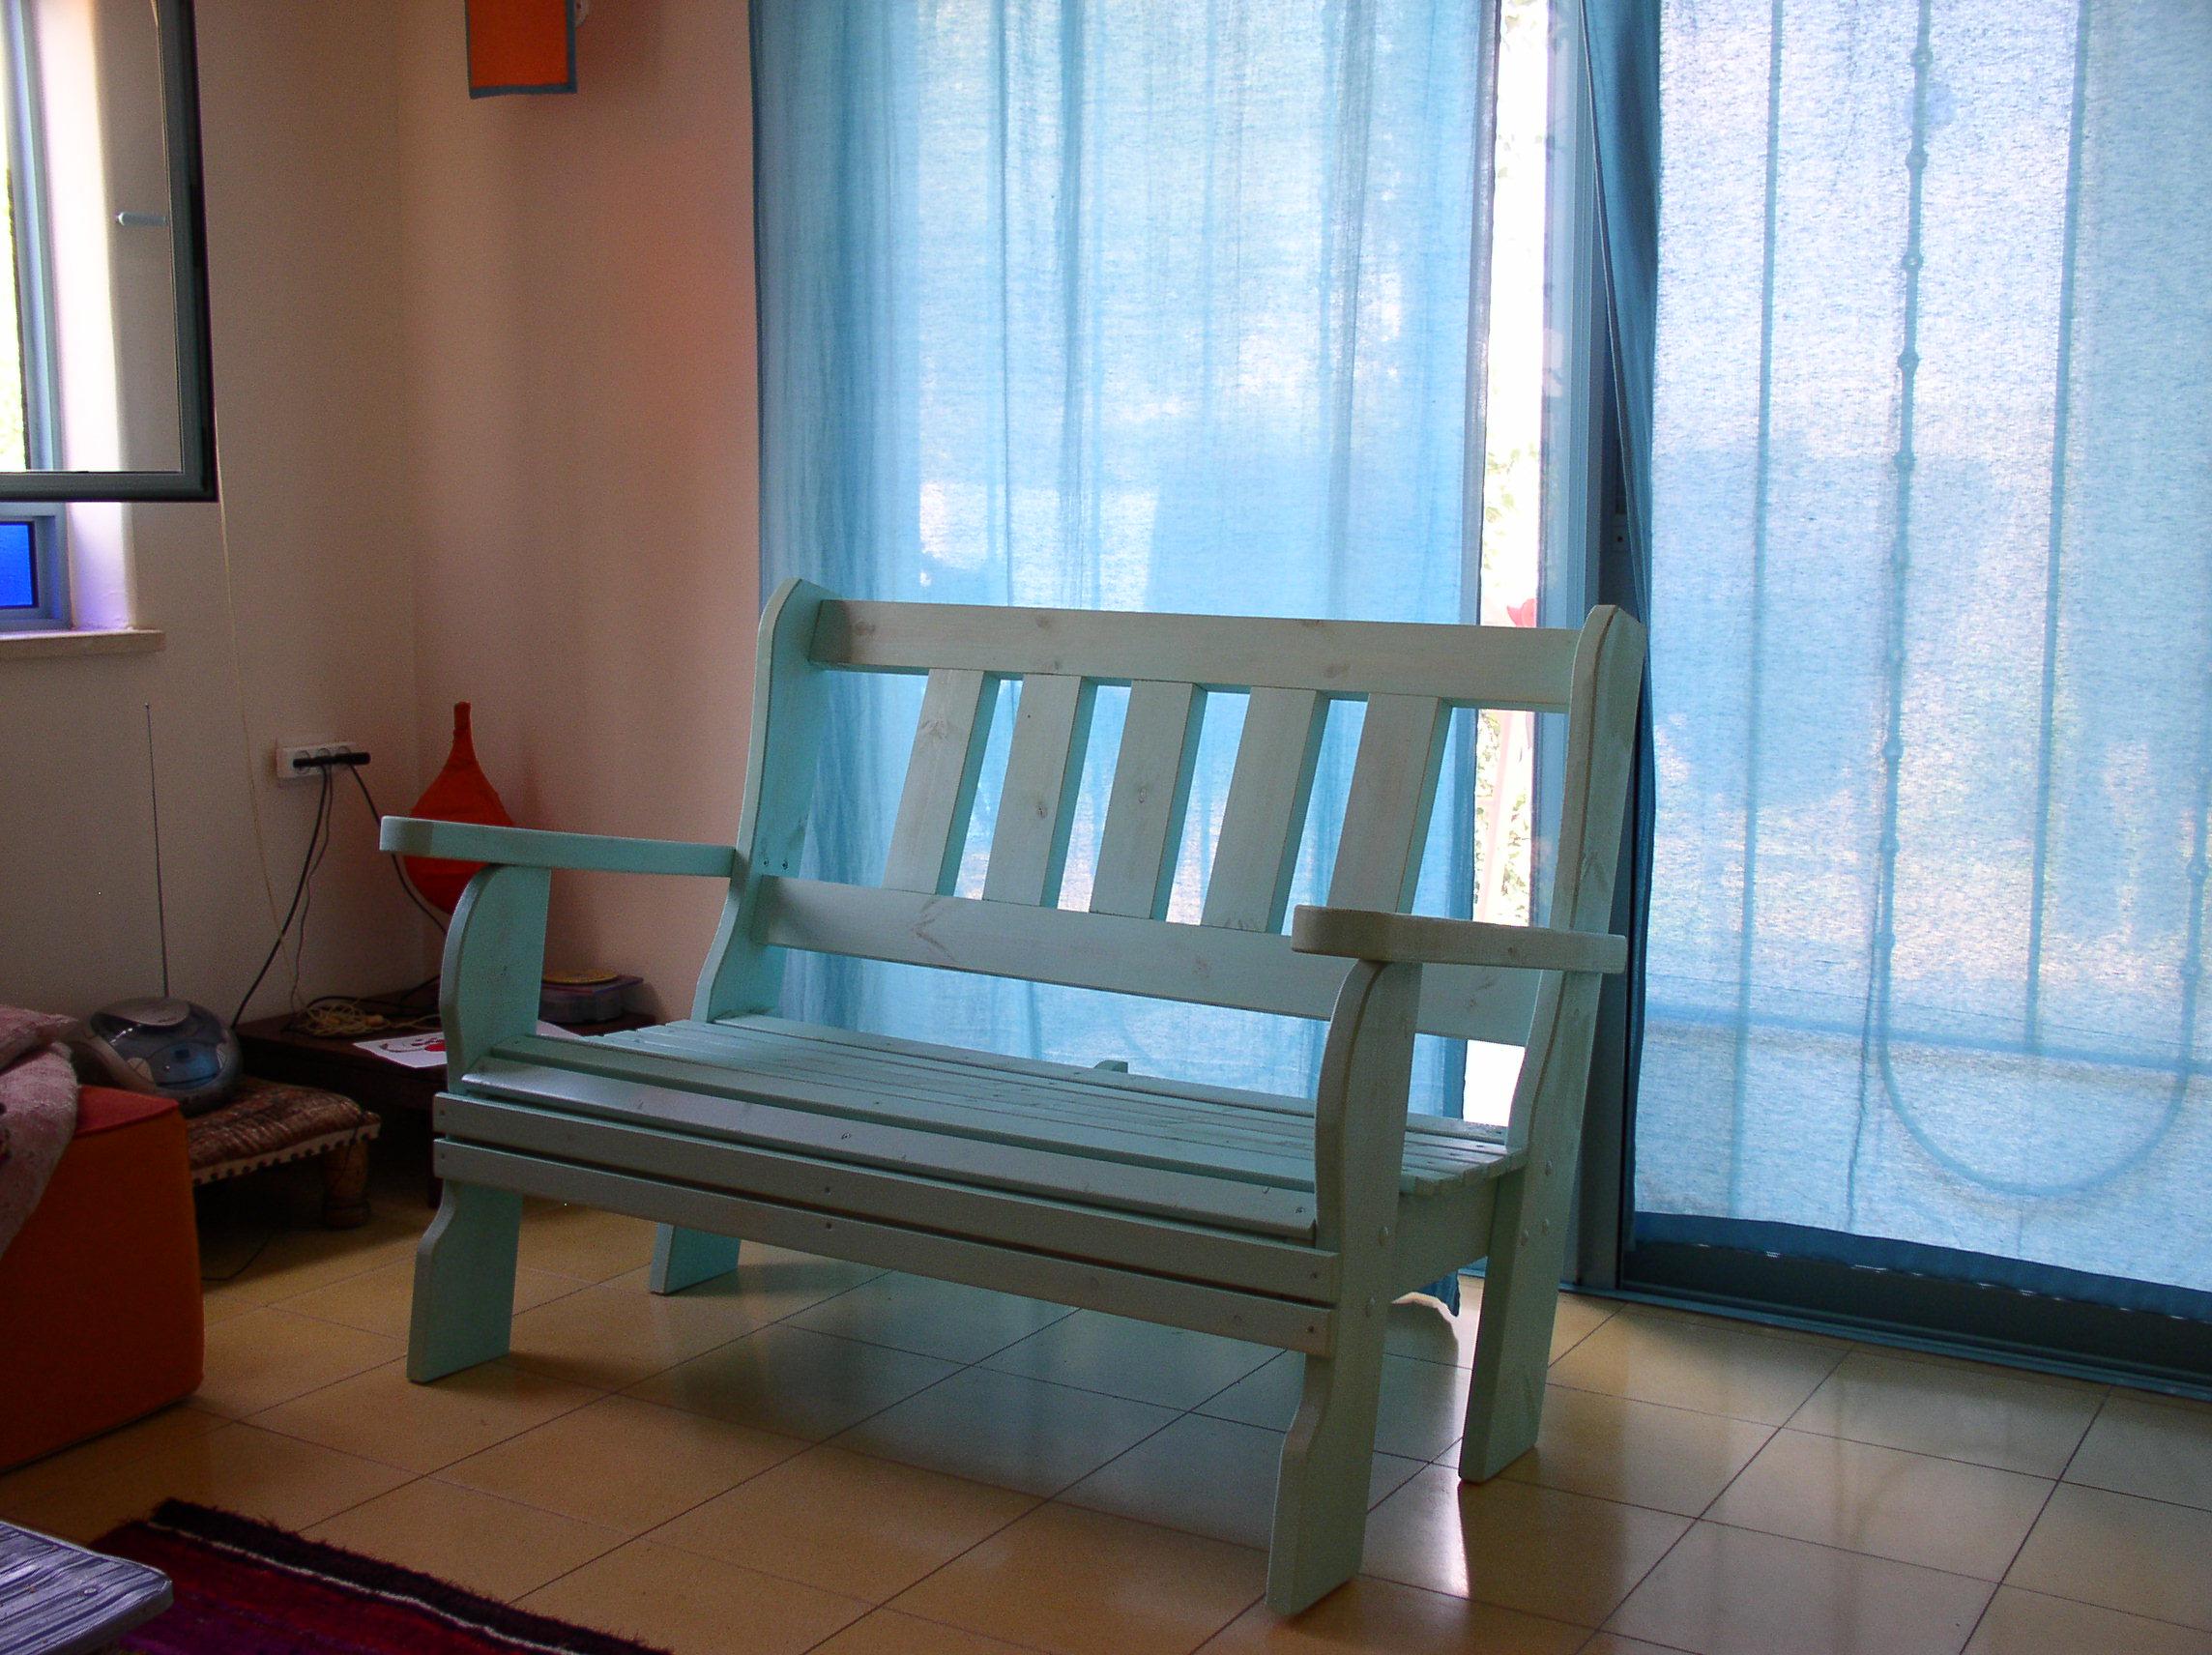 ספסל בתוך הבית.